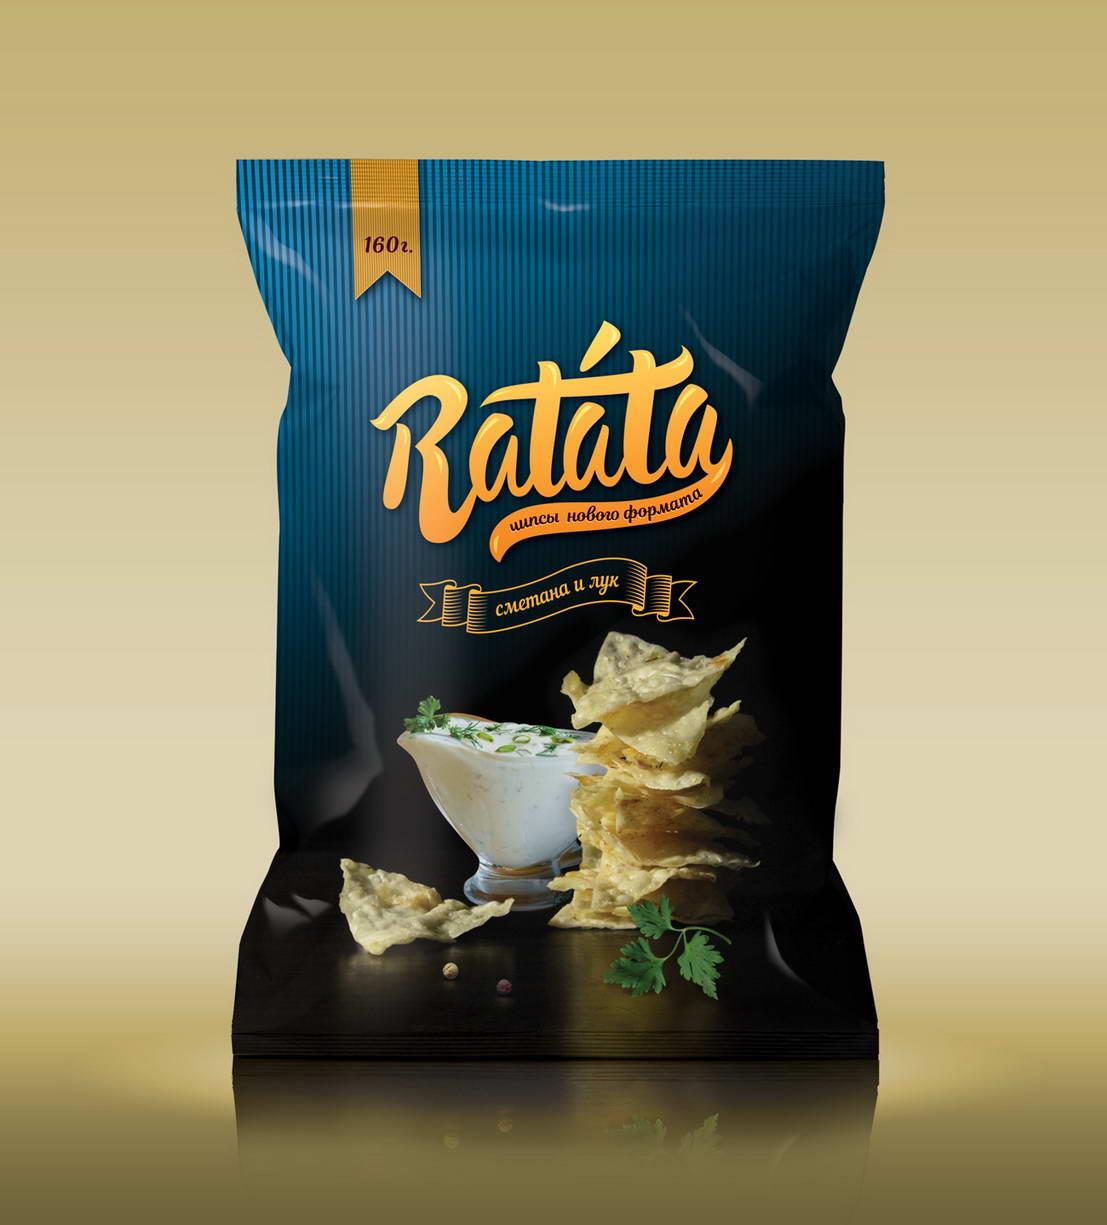 qablaşdırma dizayn fiş Ratata xama və soğan